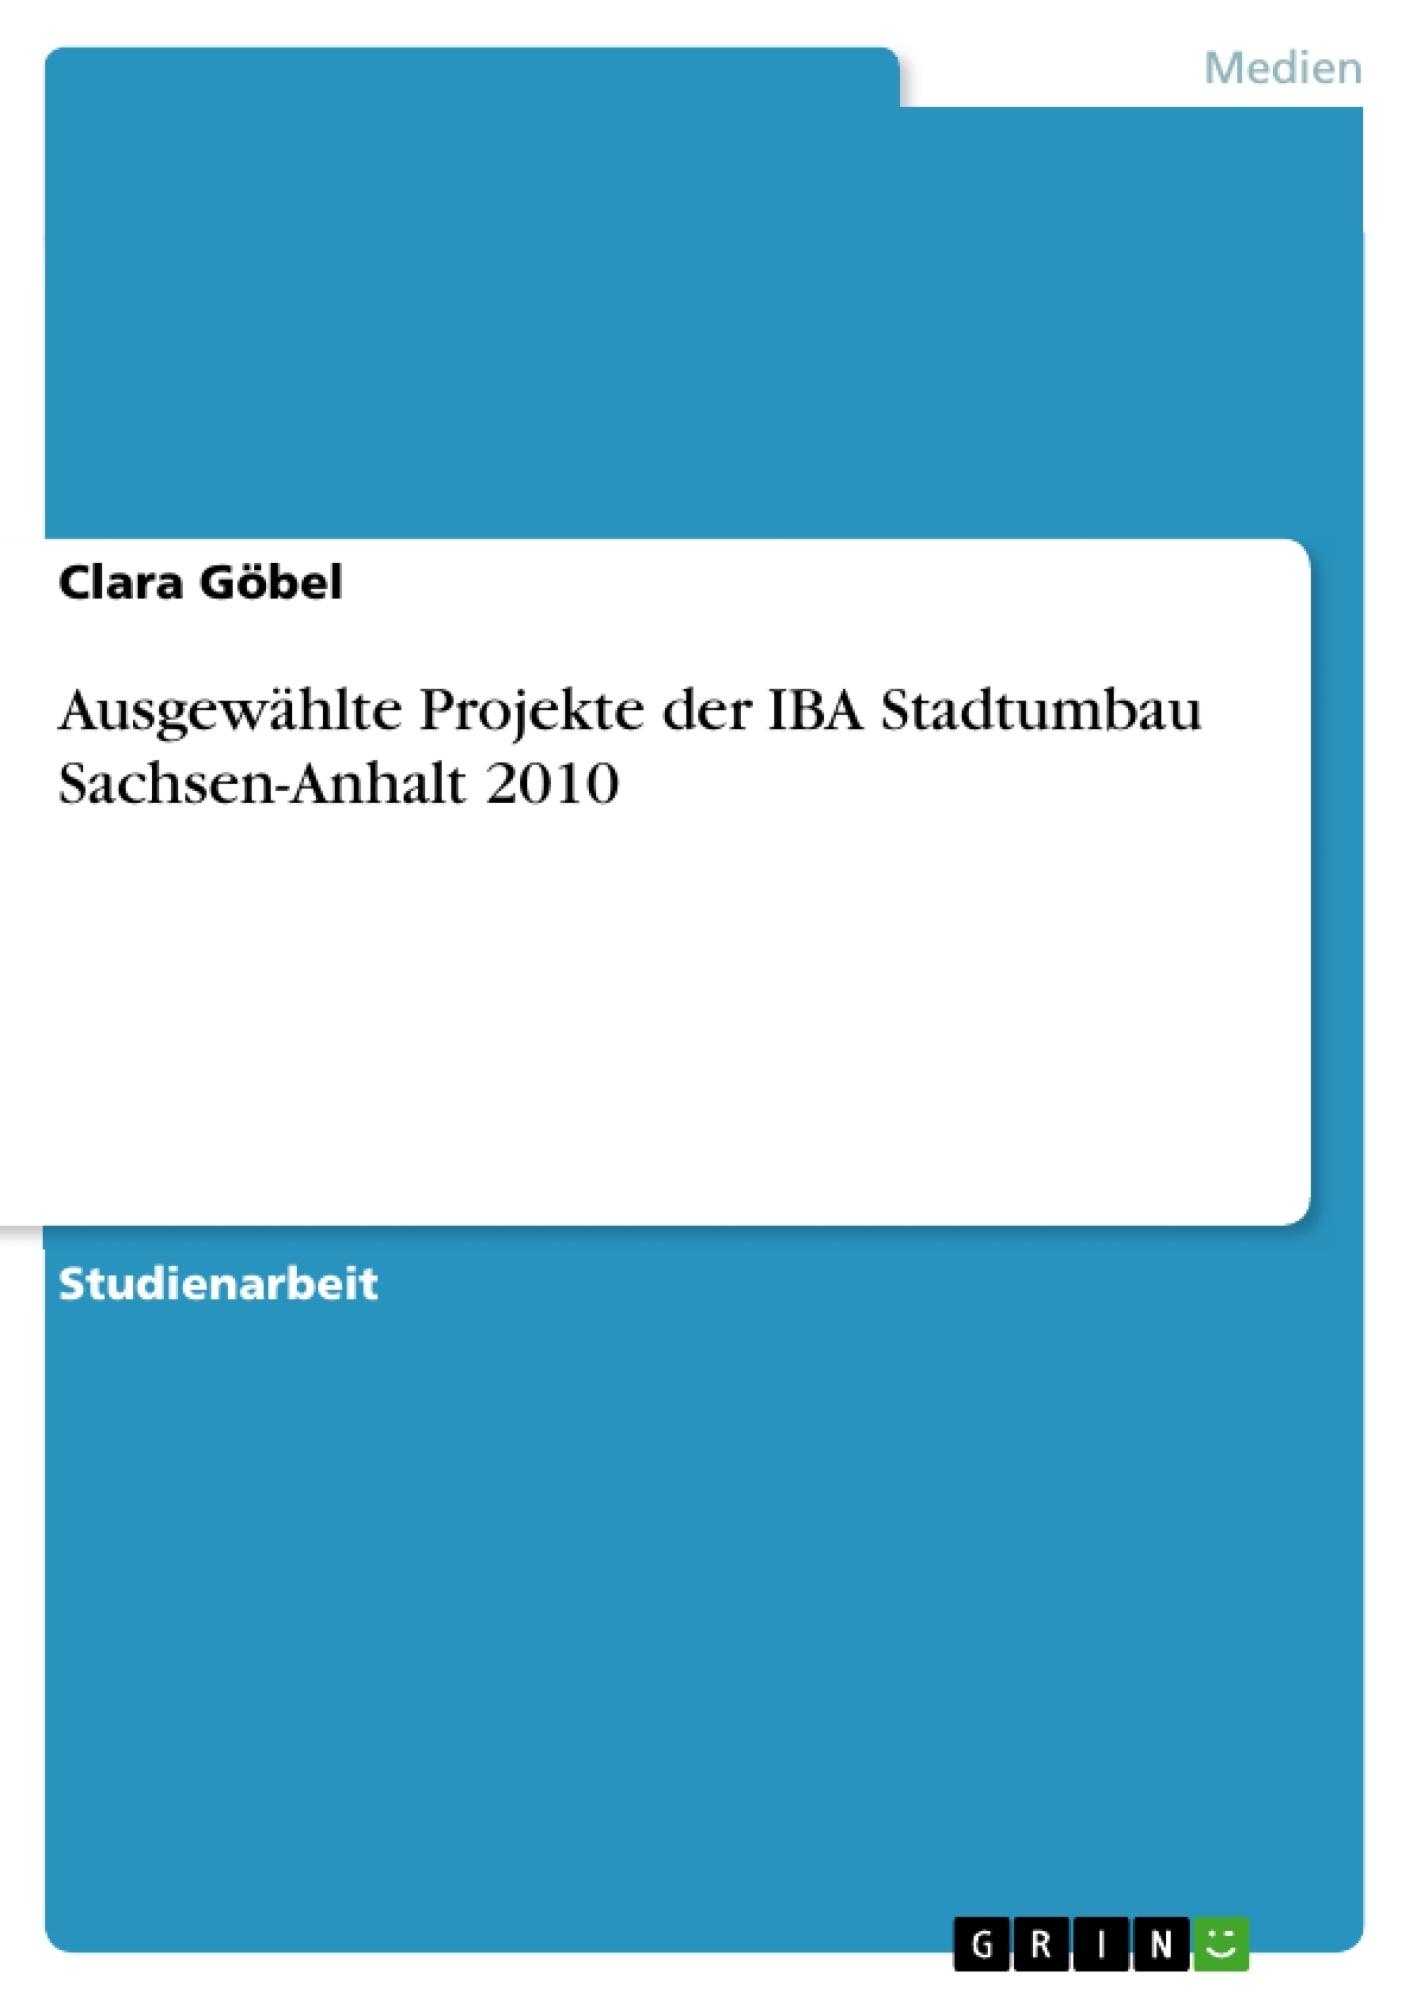 Titel: Ausgewählte Projekte der IBA Stadtumbau Sachsen-Anhalt 2010